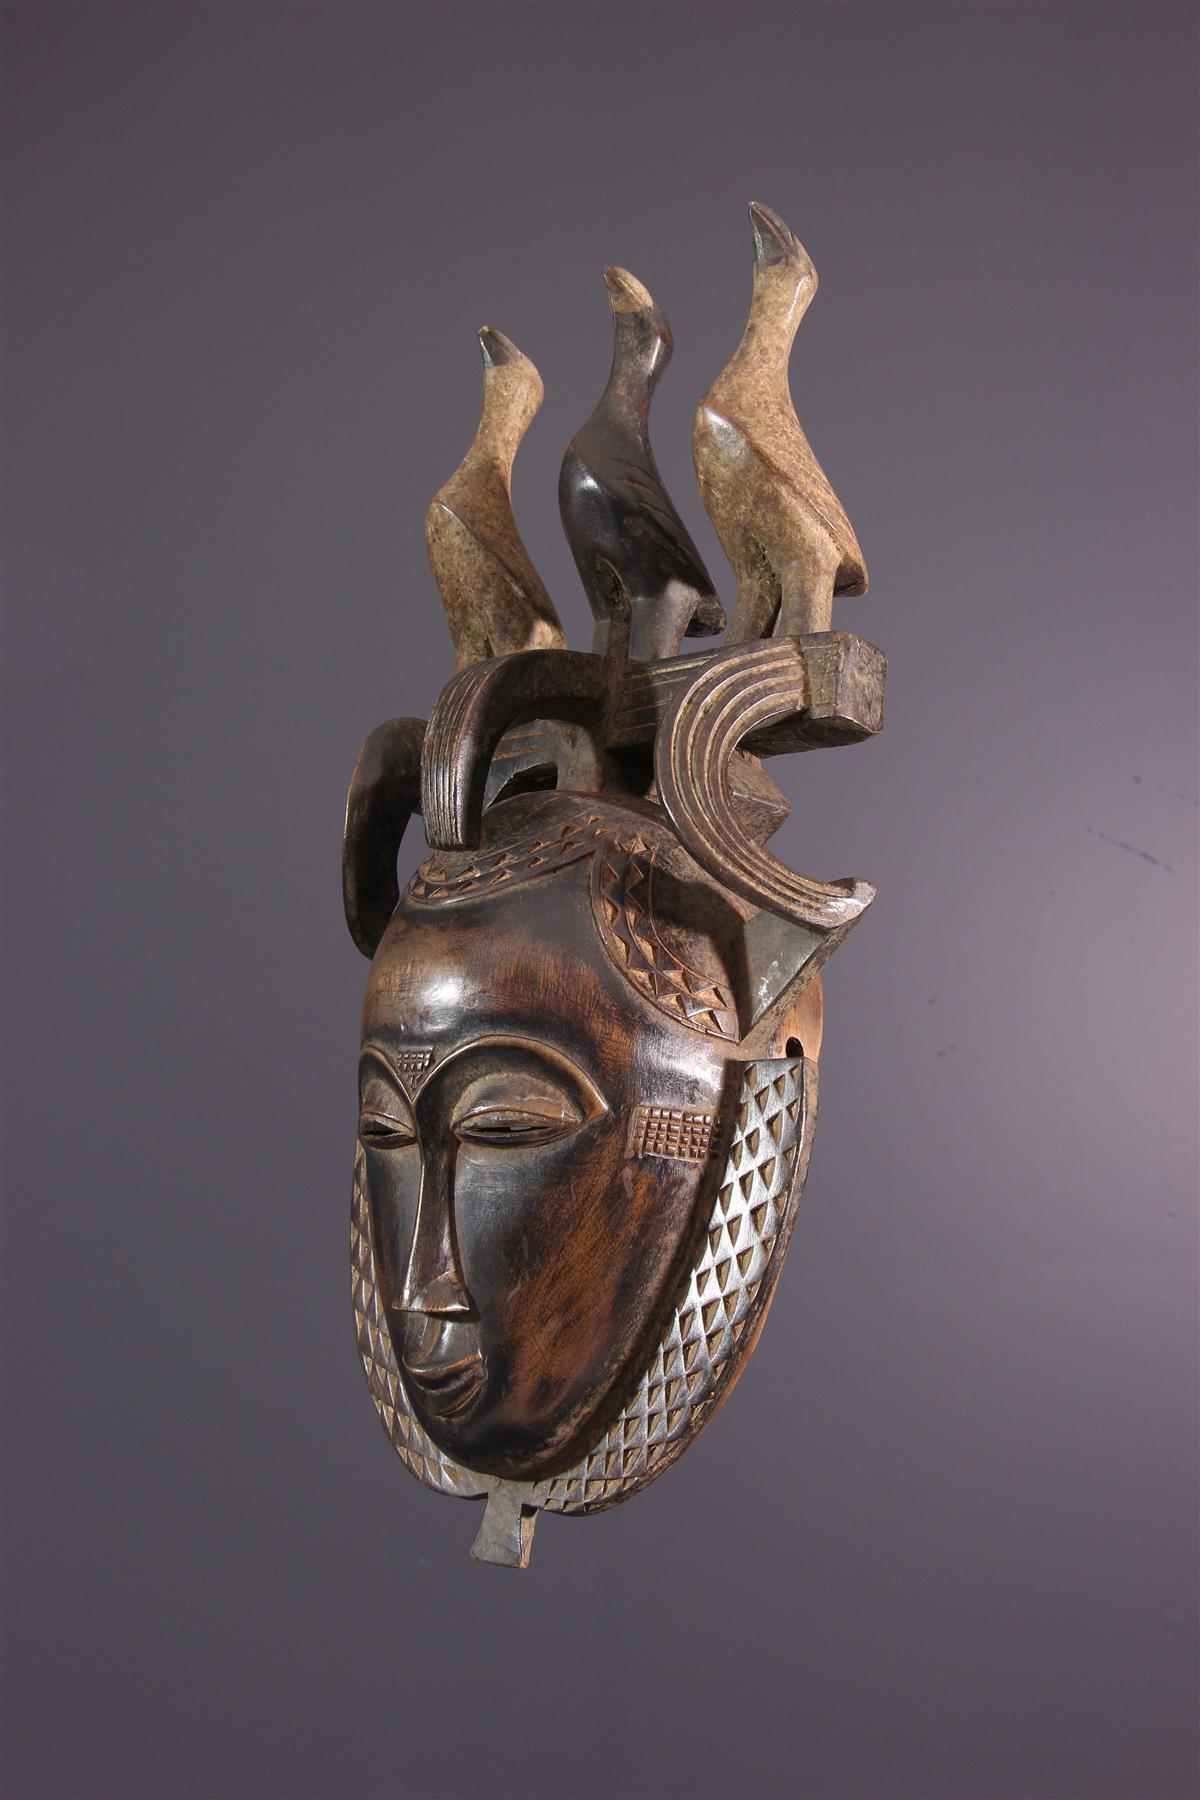 Masque Yohouré - Art africain